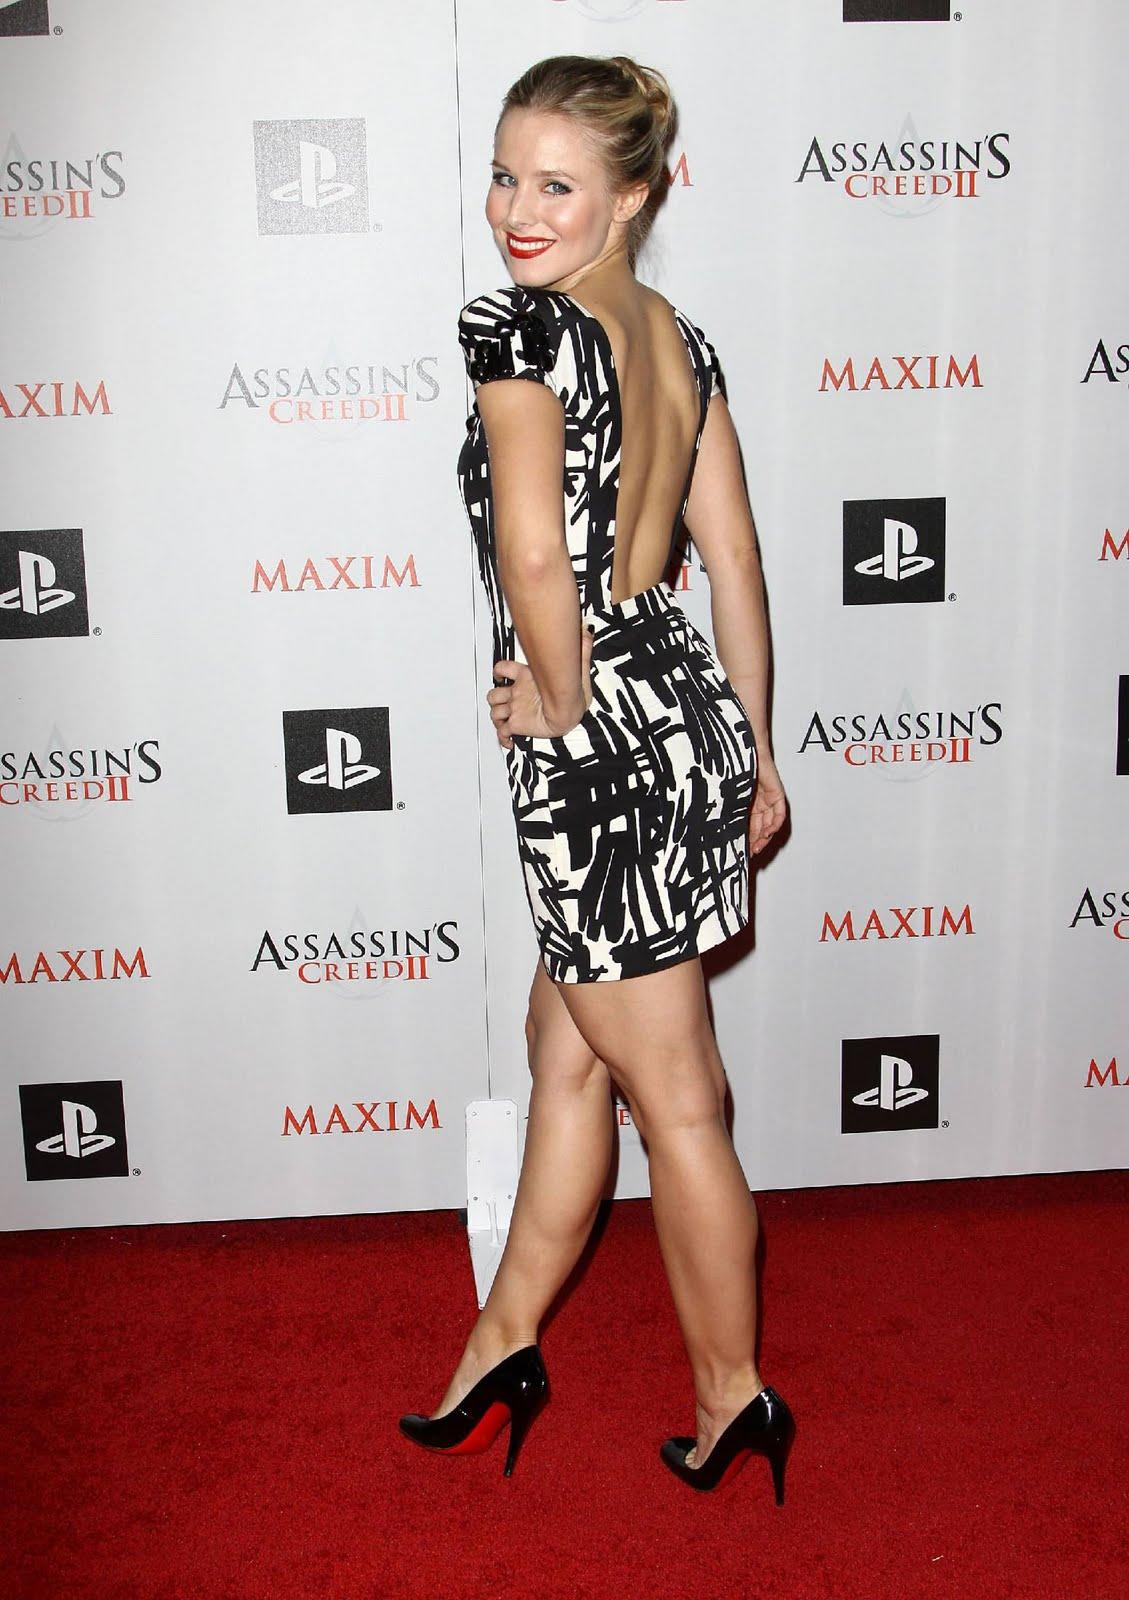 http://1.bp.blogspot.com/_VvCaQlz5Gvs/SwaUSNA4PAI/AAAAAAAABO8/ccEVCVhr8tw/s1600/kristen-bell+sexy+legs.jpg